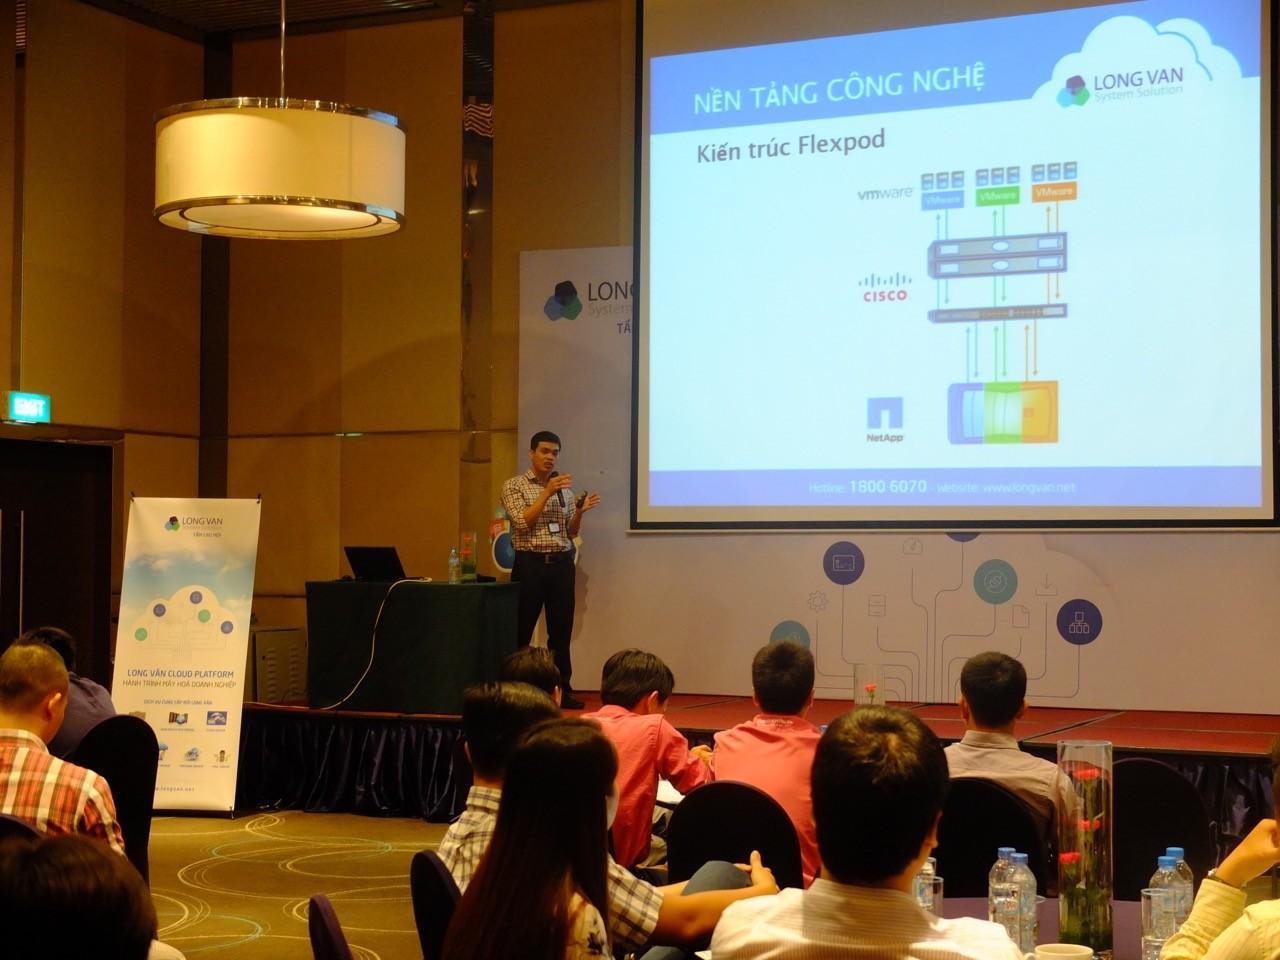 long van cloud platform - Long Vân giới thiệu giải pháp Cloud Platform dành cho doanh nghiệp vừa và nhỏ